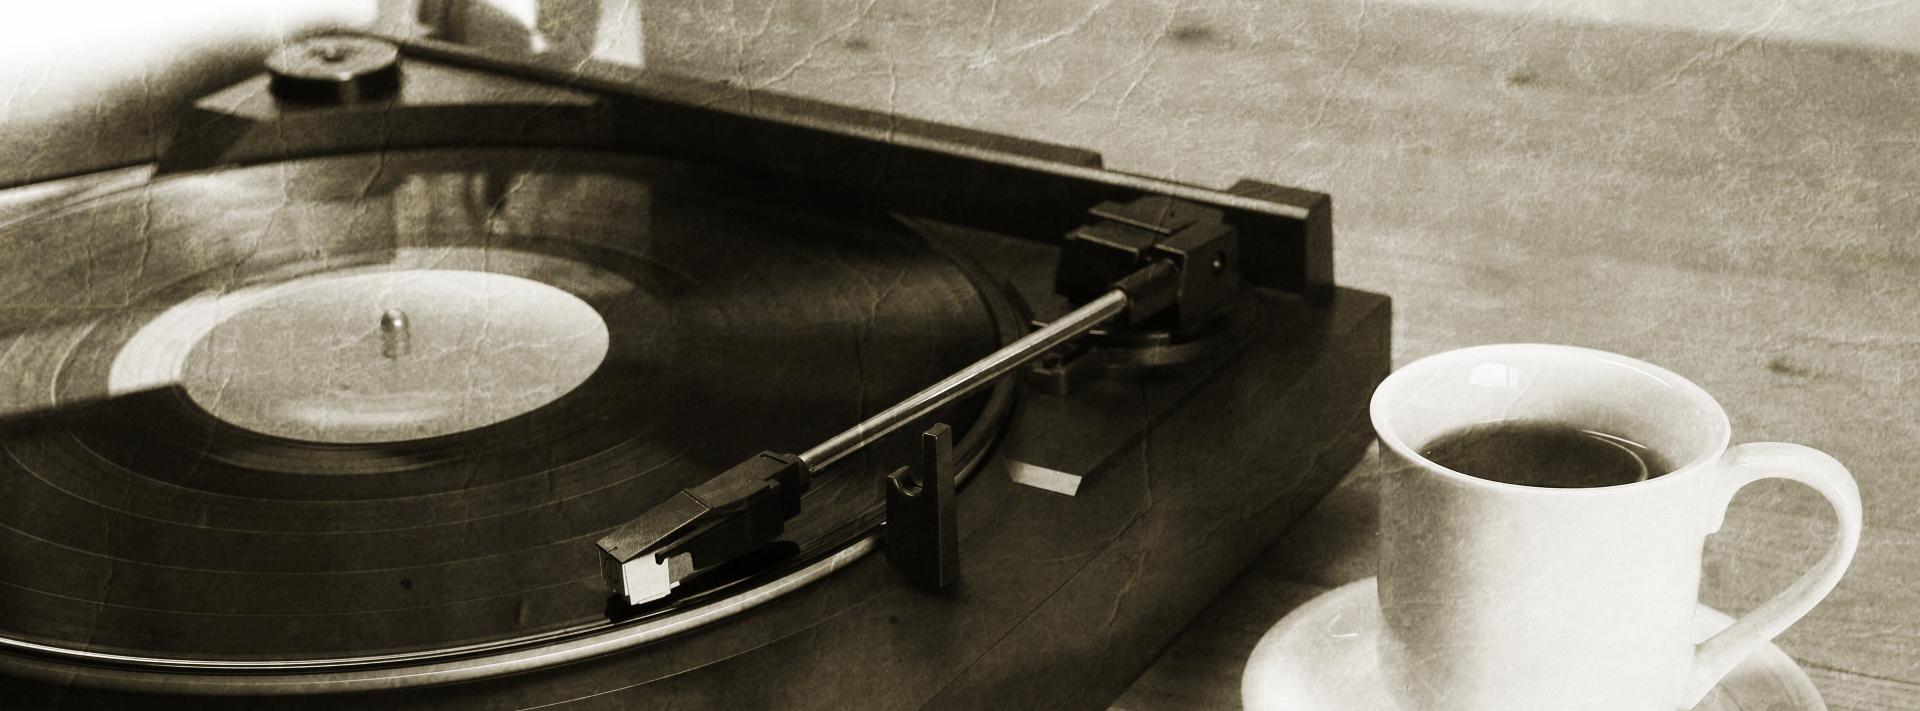 職住隣接に音楽とゲームは欠かせない|職住隣接物語 ngsw.net